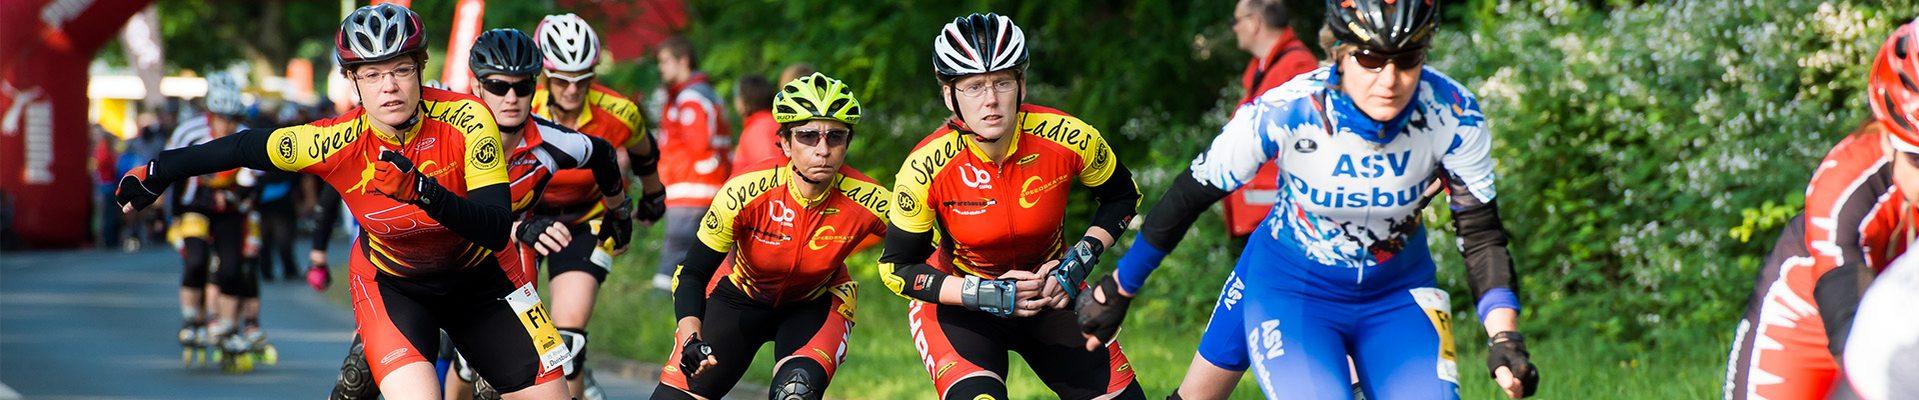 Headerbild Impressum des LSB NRW: Rollschuhfahrer und Inlineskater beim Wettkampf